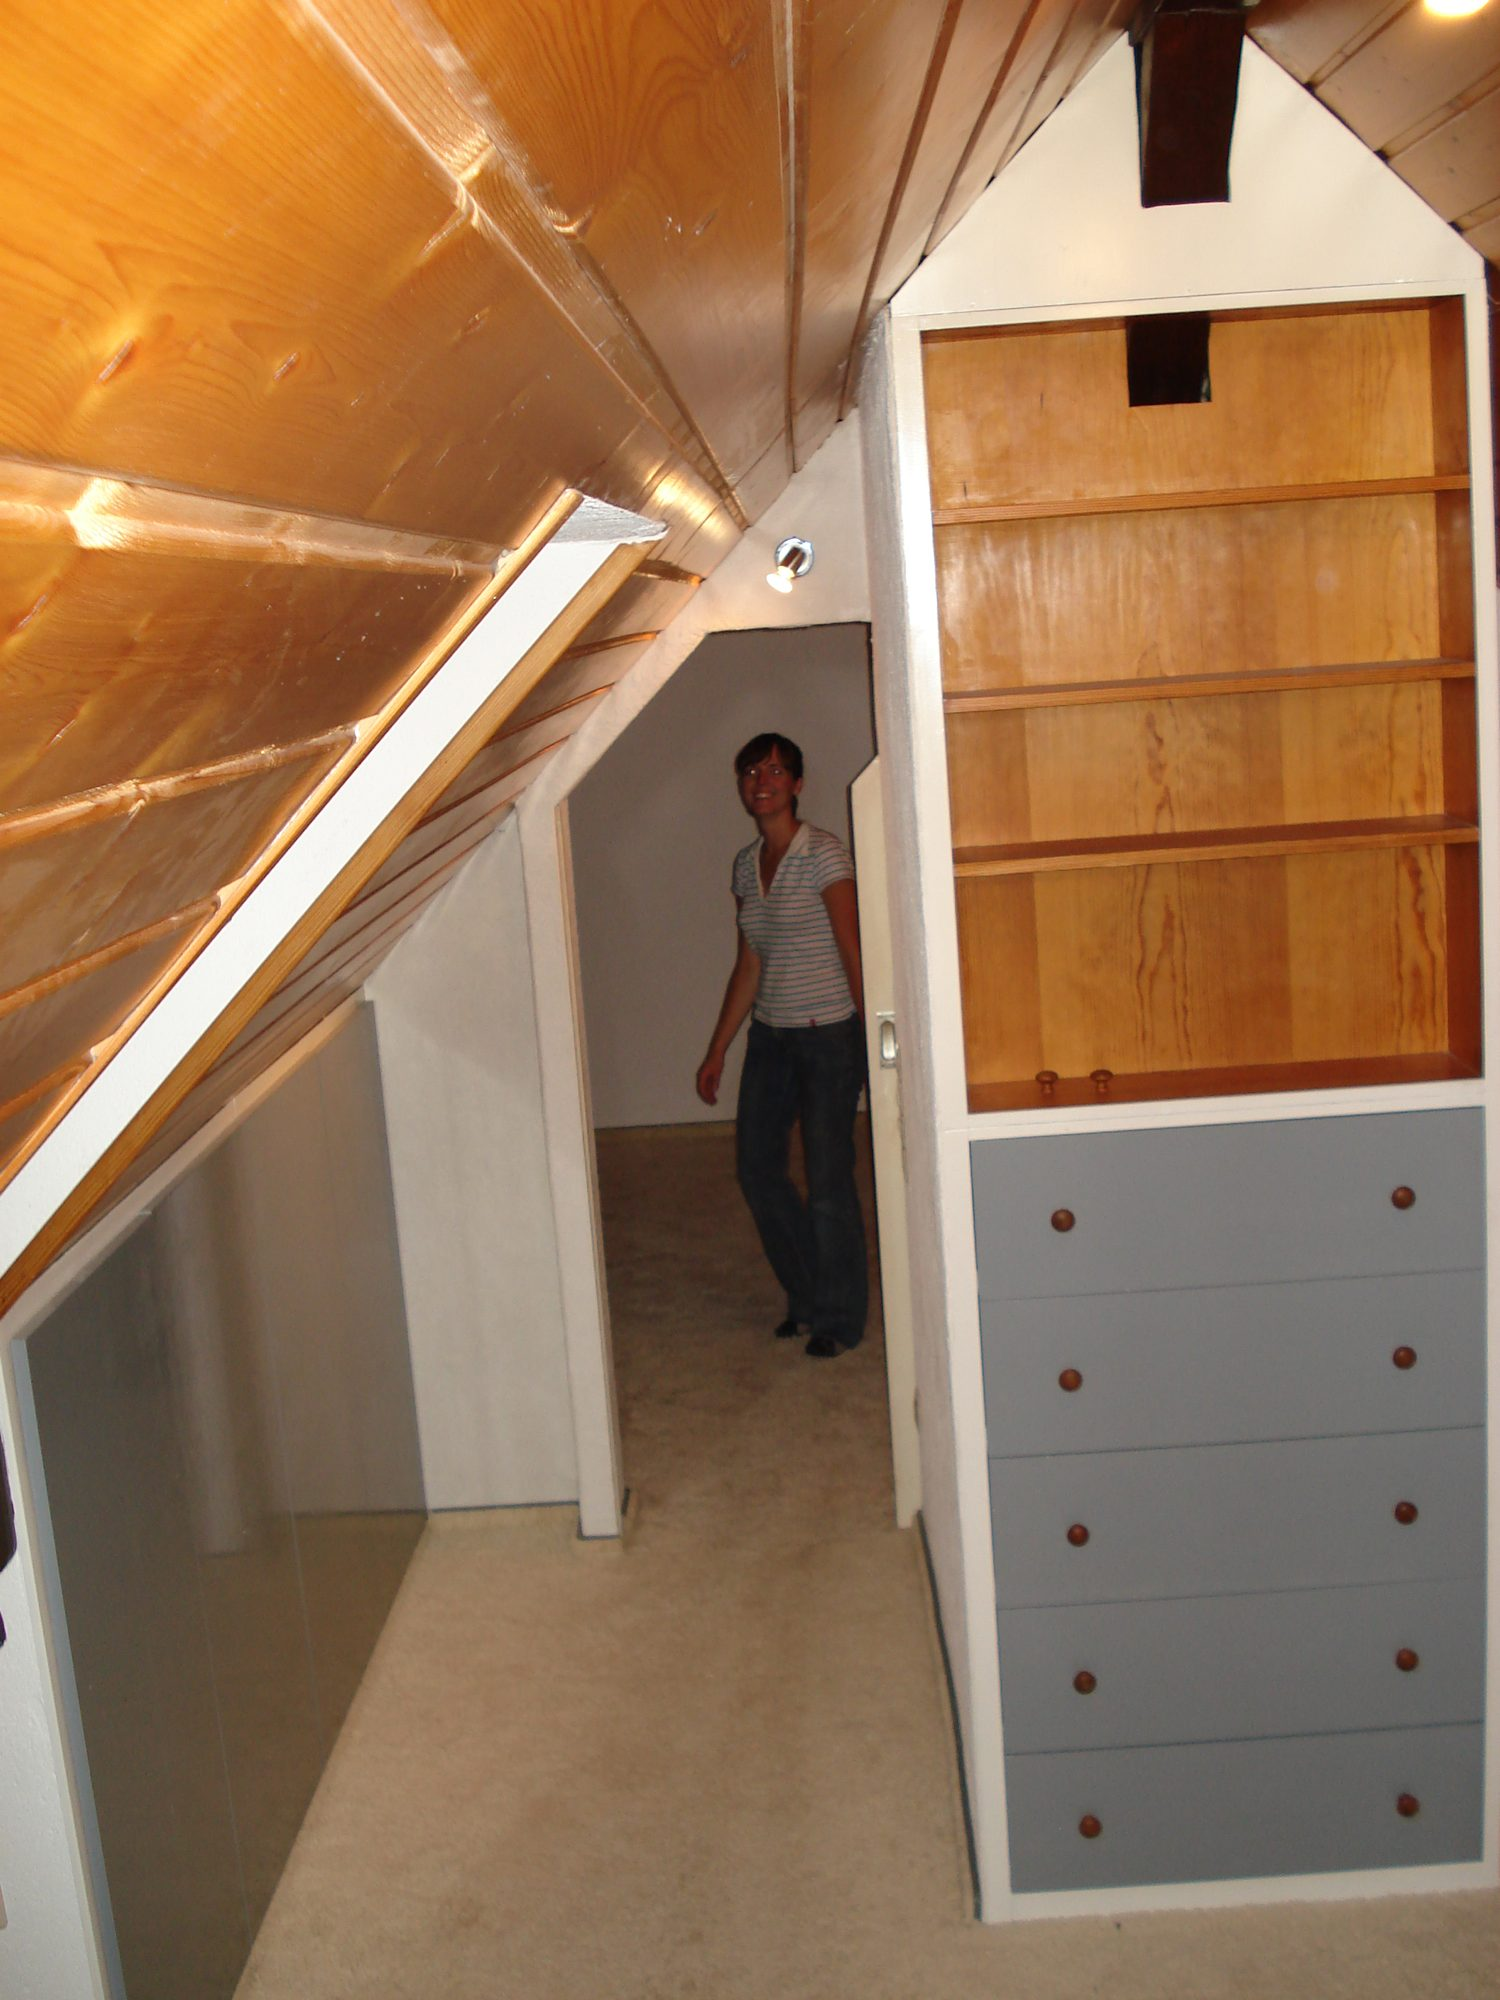 2007 - Kaltental: erste gemeinsame Wohnung